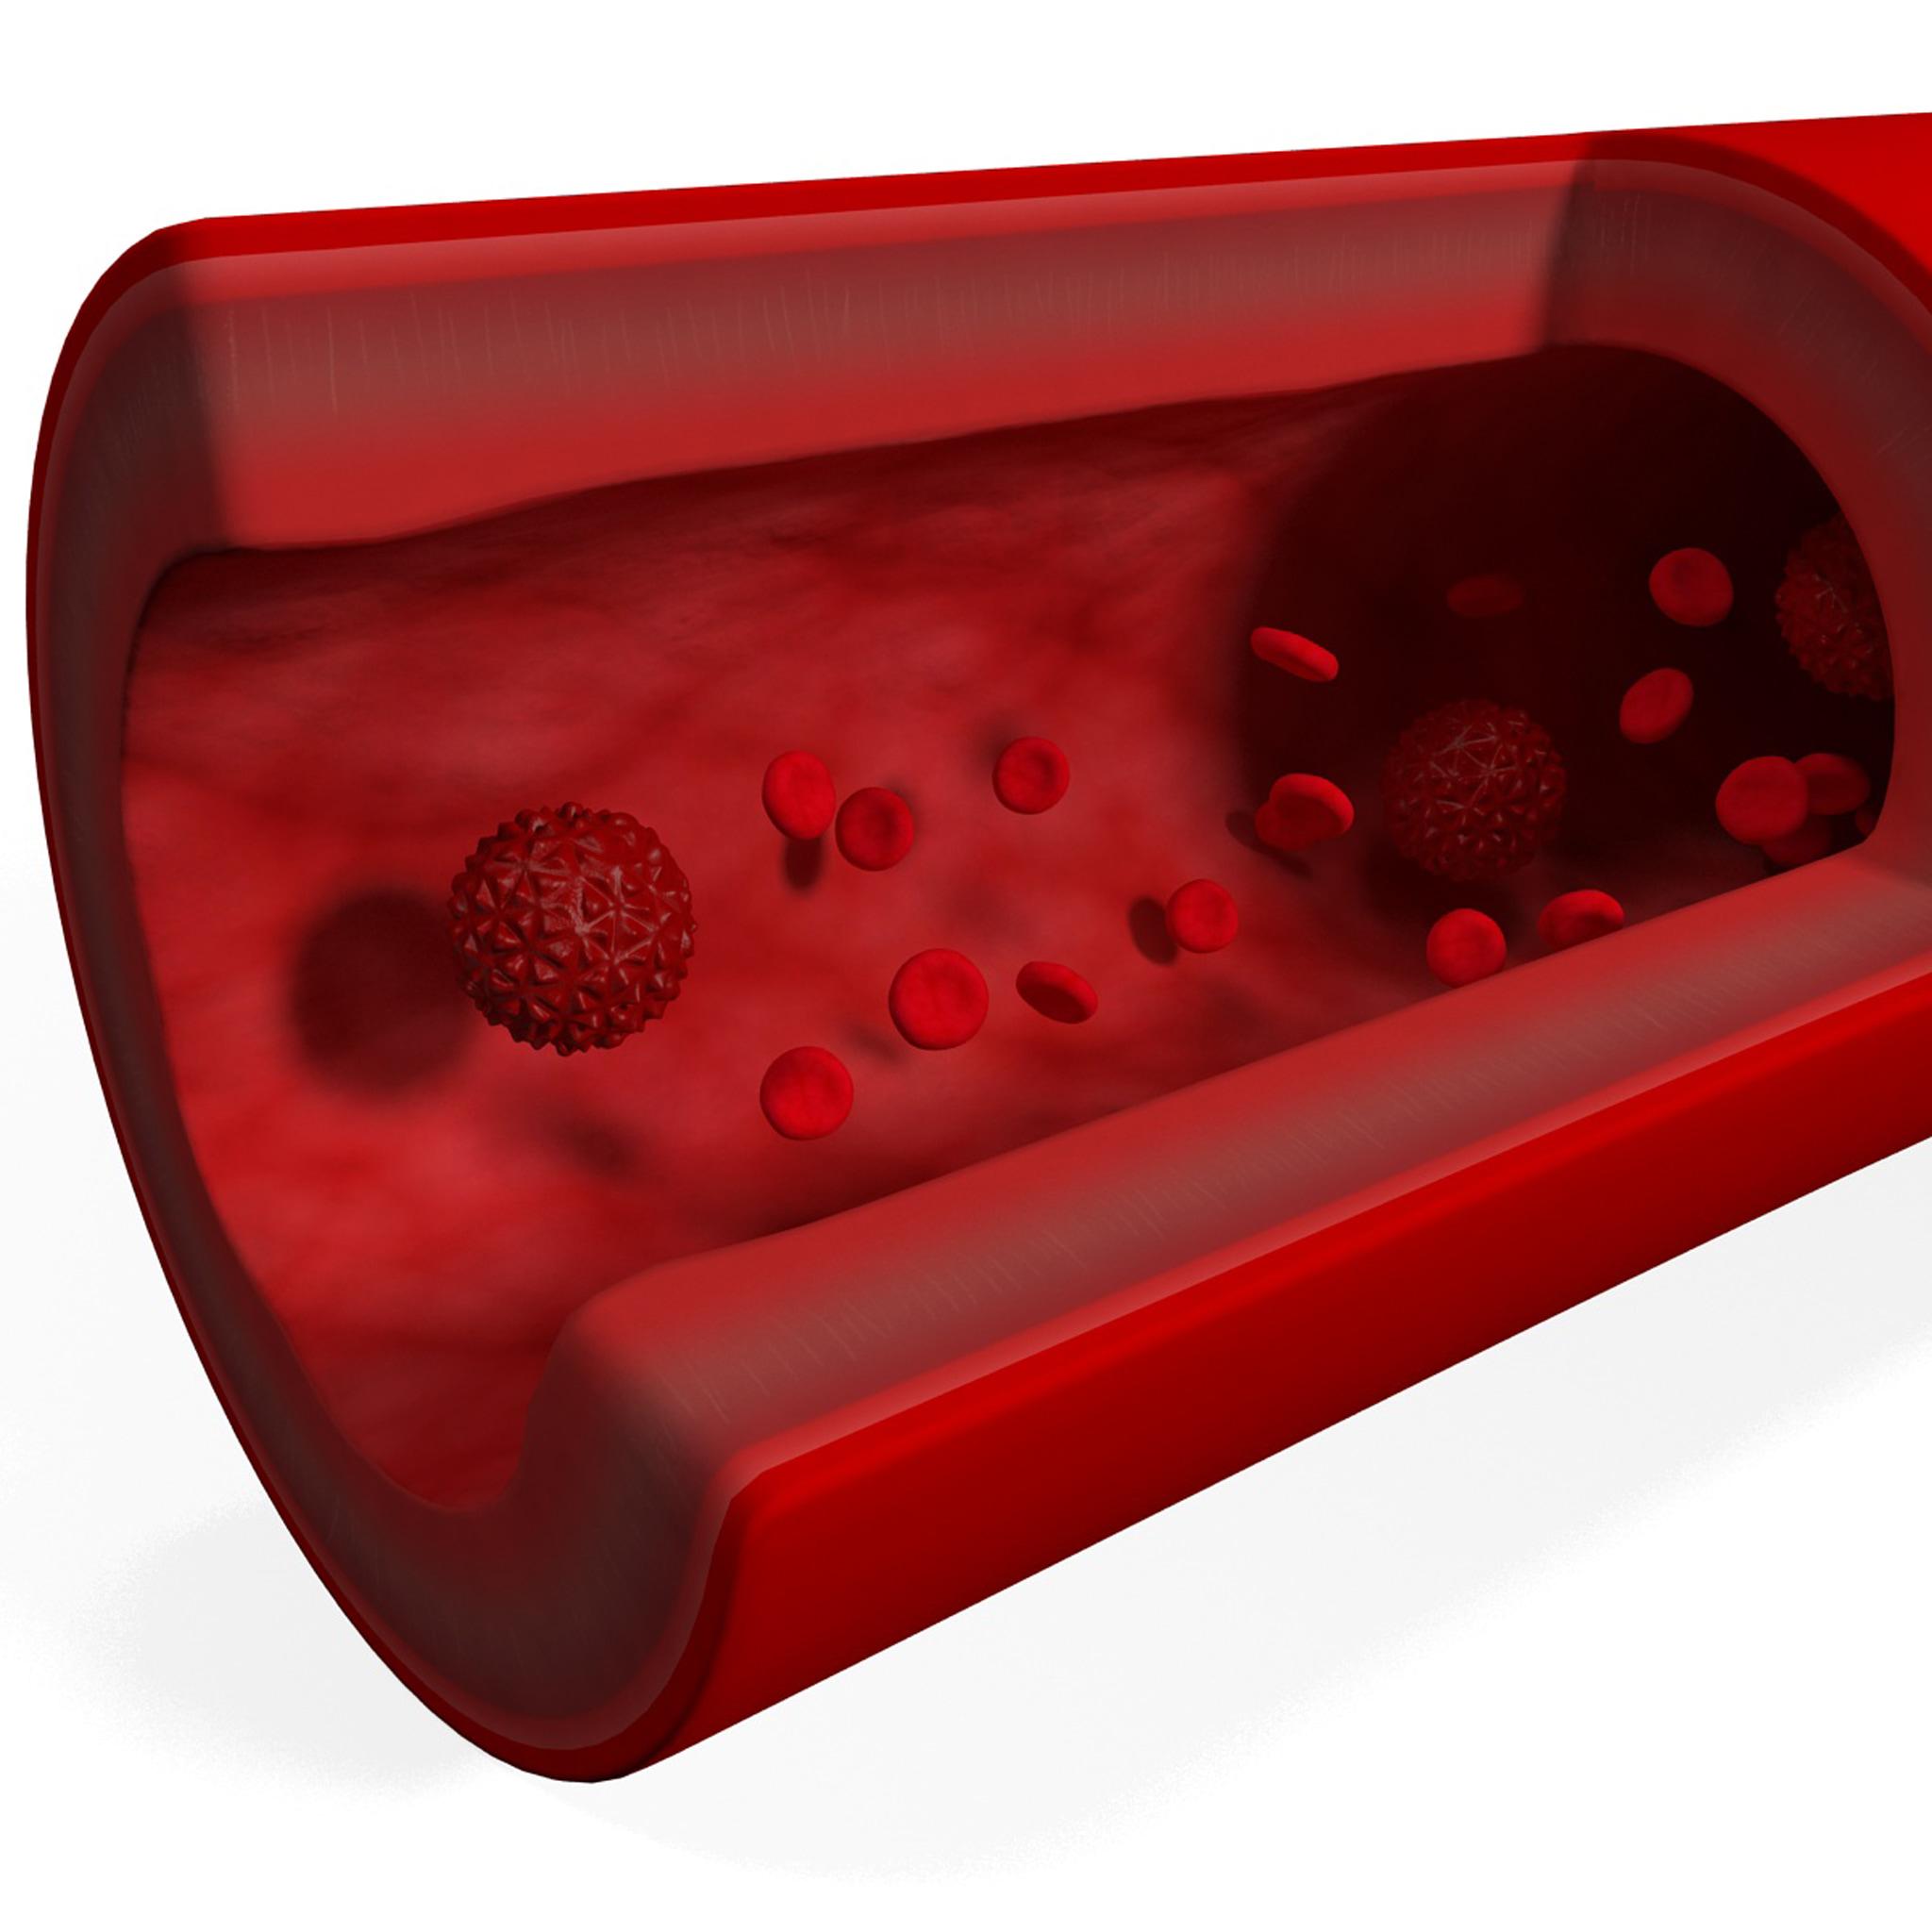 Cancer Cell_157.jpg